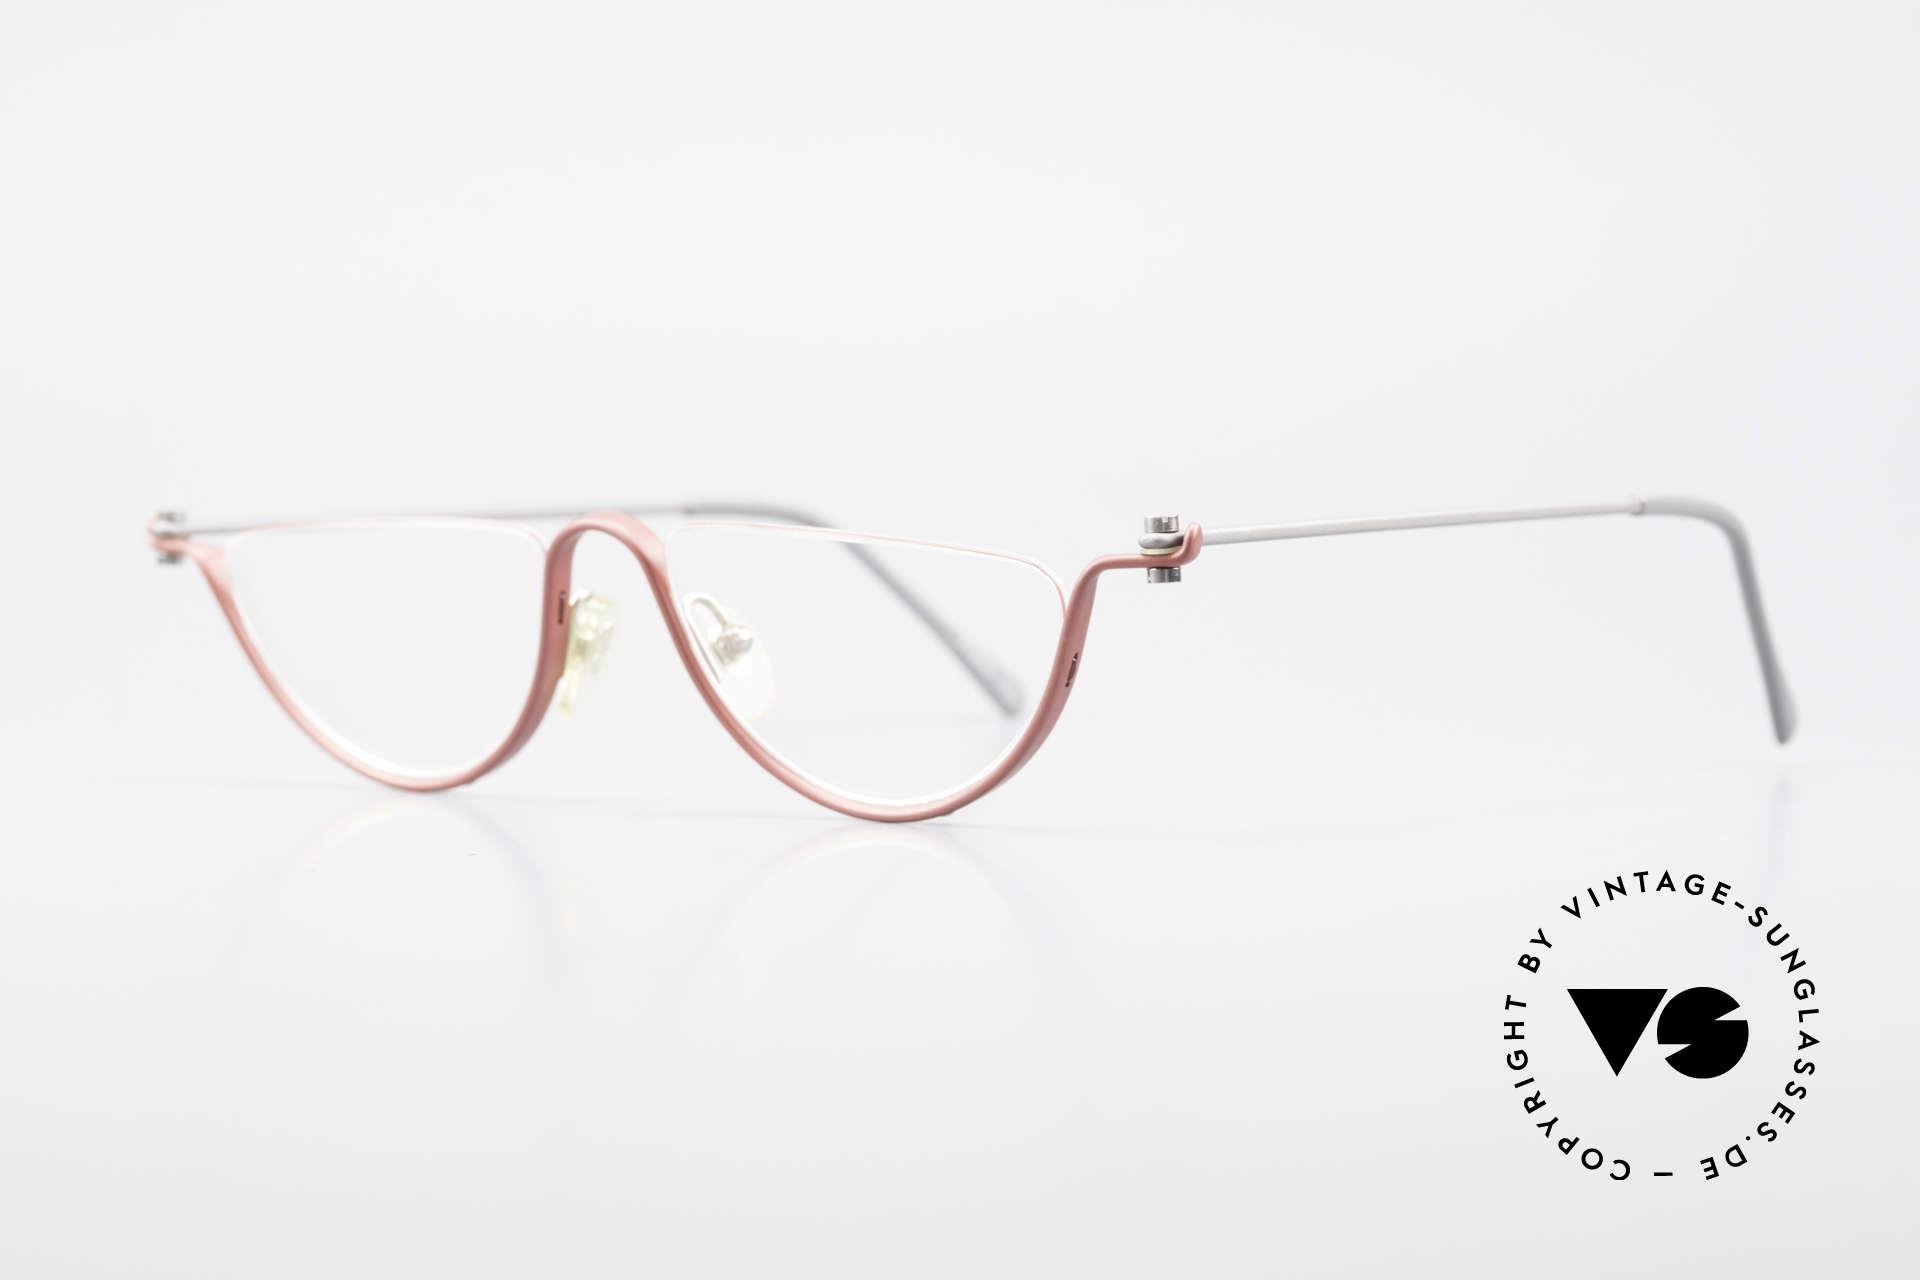 ProDesign No11 Gail Spence Design Eyeglasses, successor of the legendary Pro Design N° ONE model, Made for Women